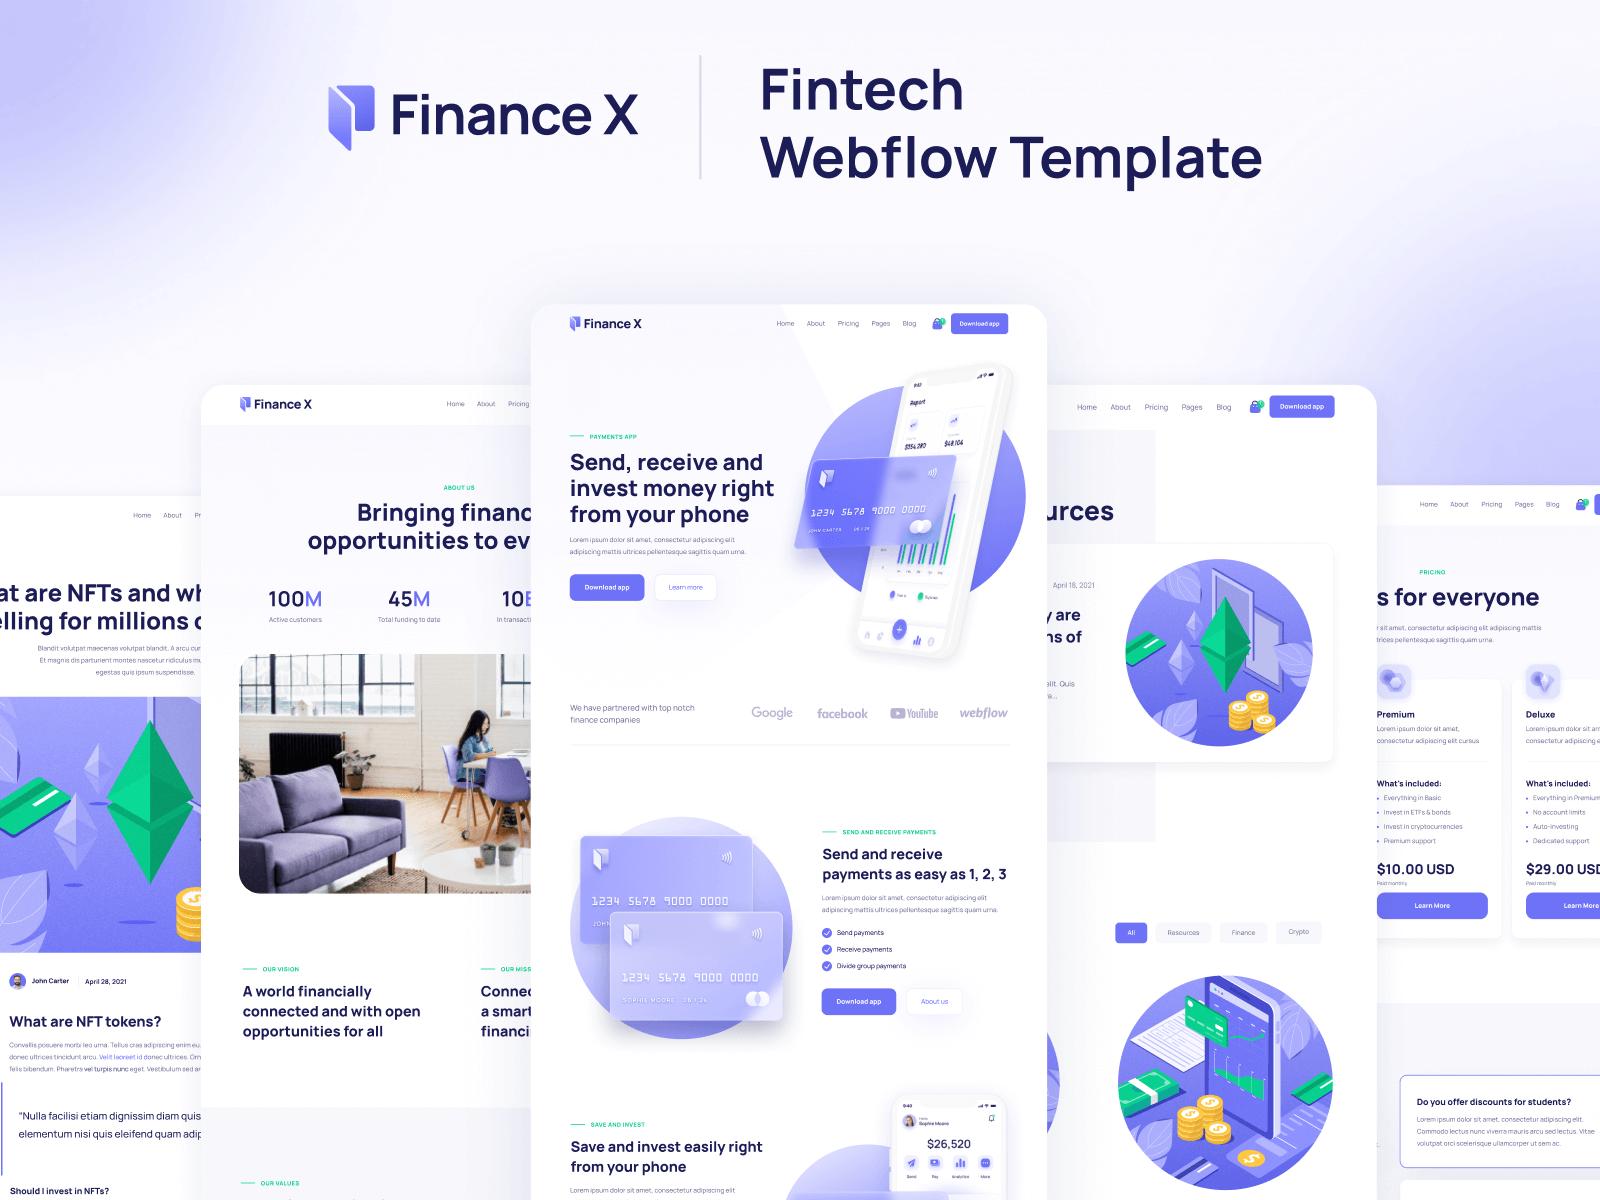 Fintech Webflow Template